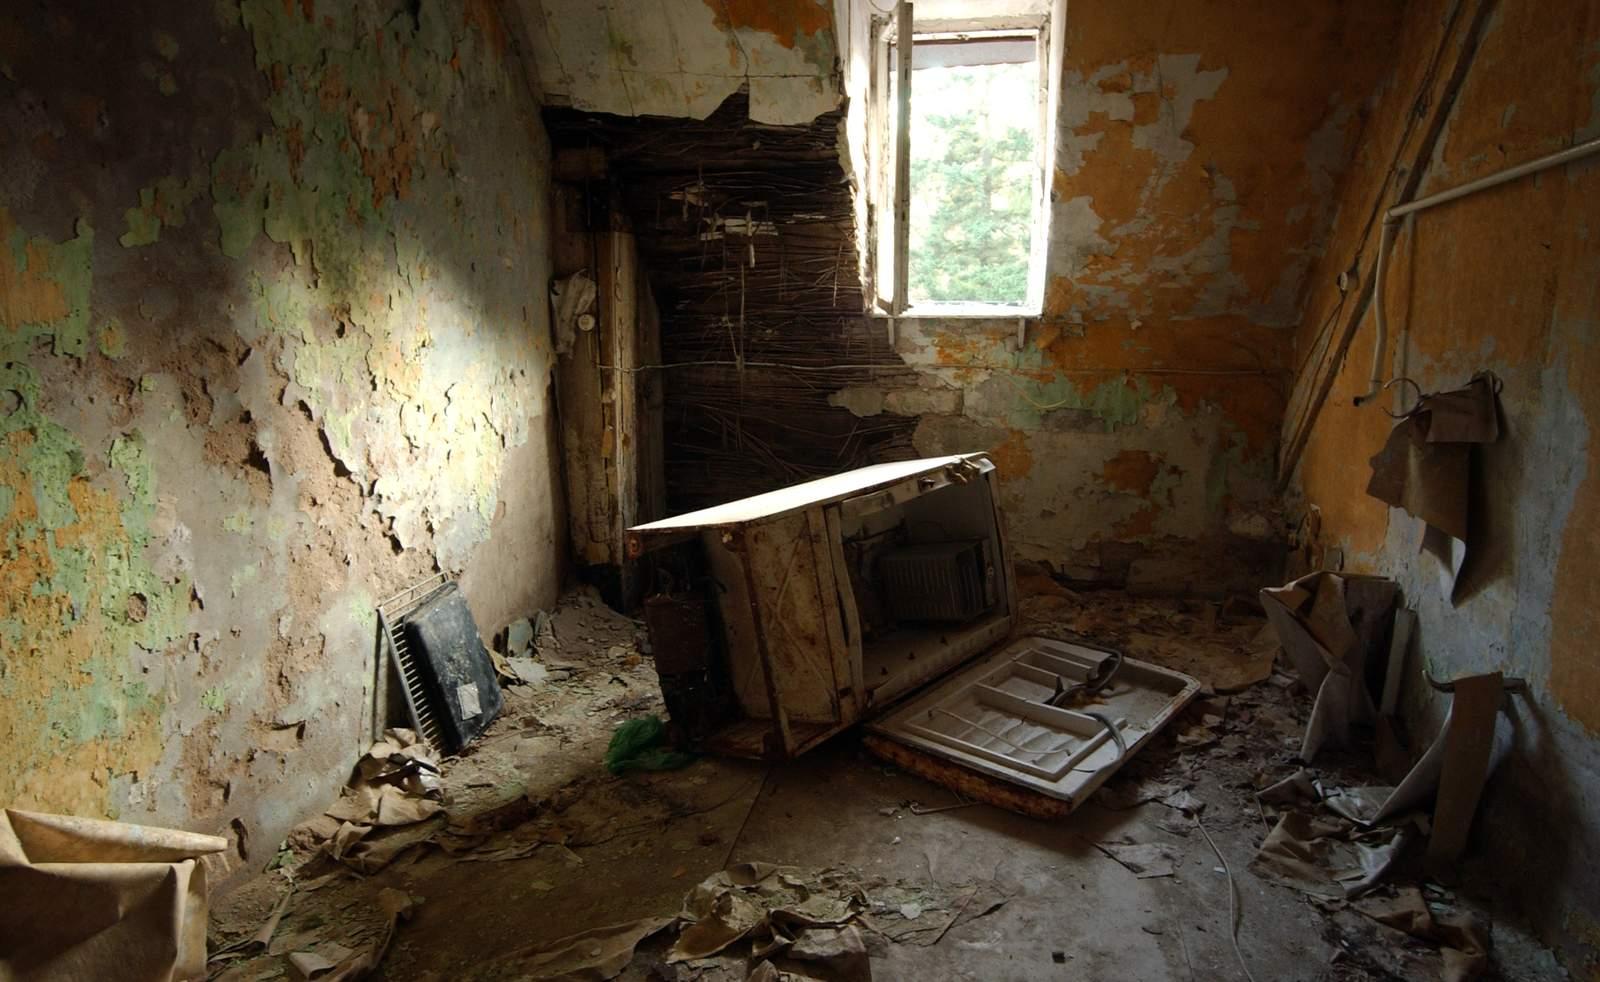 beelitz heilstatten10 Abandoned Beelitz Heilstatten Hospital